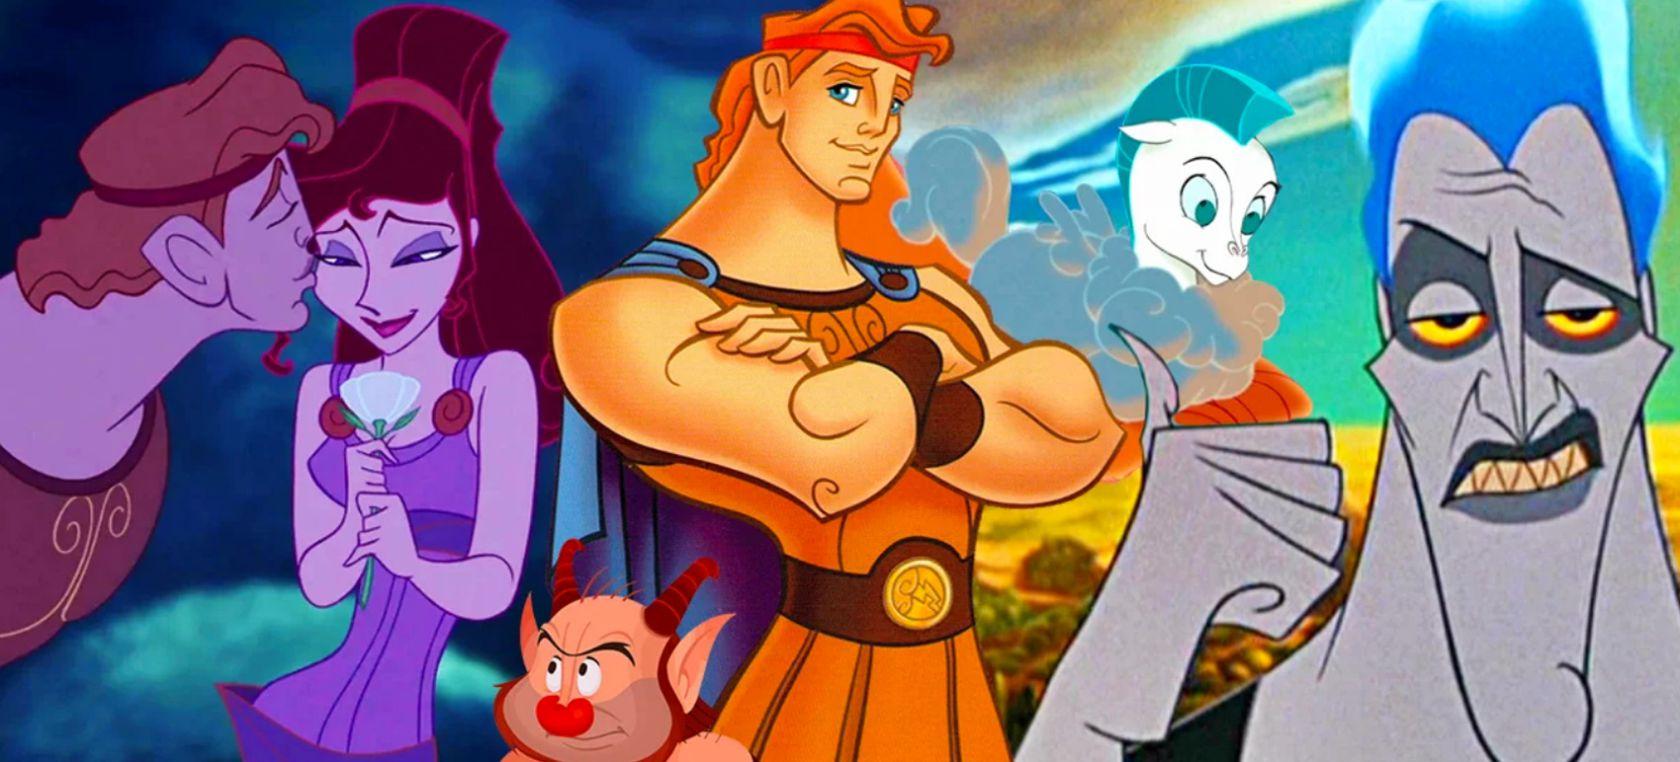 Hércules tendrá live-action con los hermanos Russo